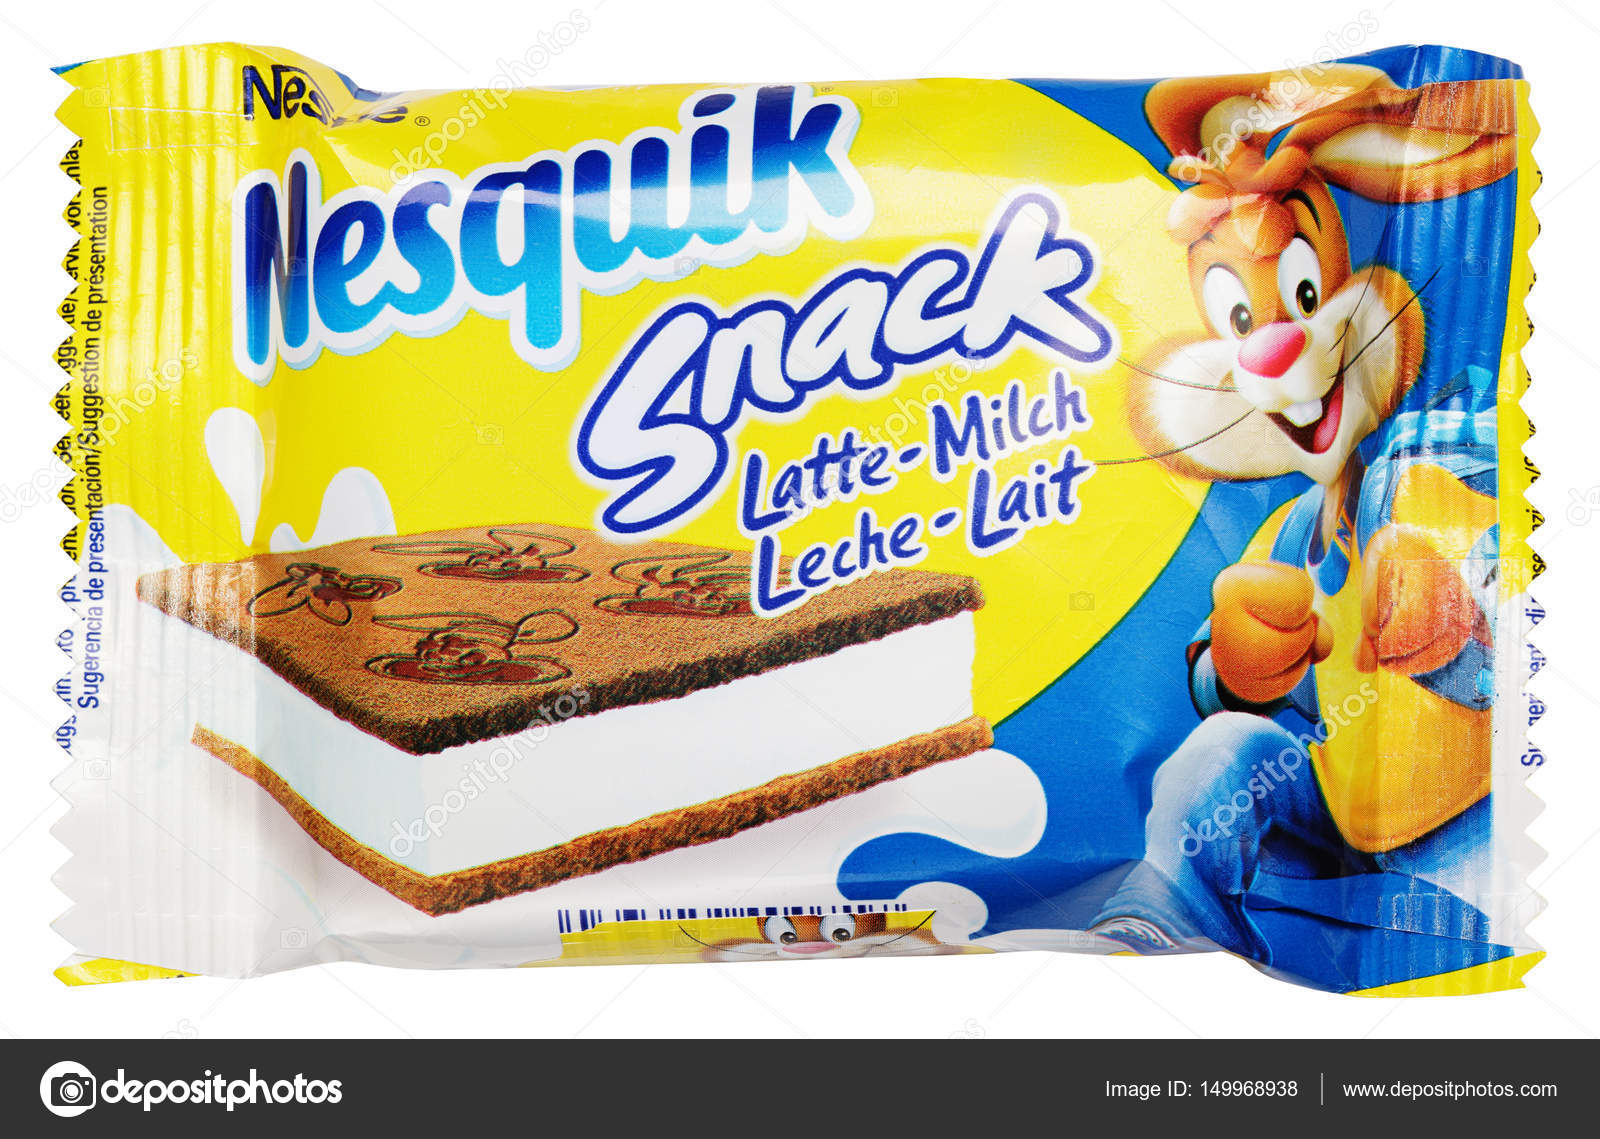 Nestle Nesquik Snack Isoliert Auf Weissem Hintergrund